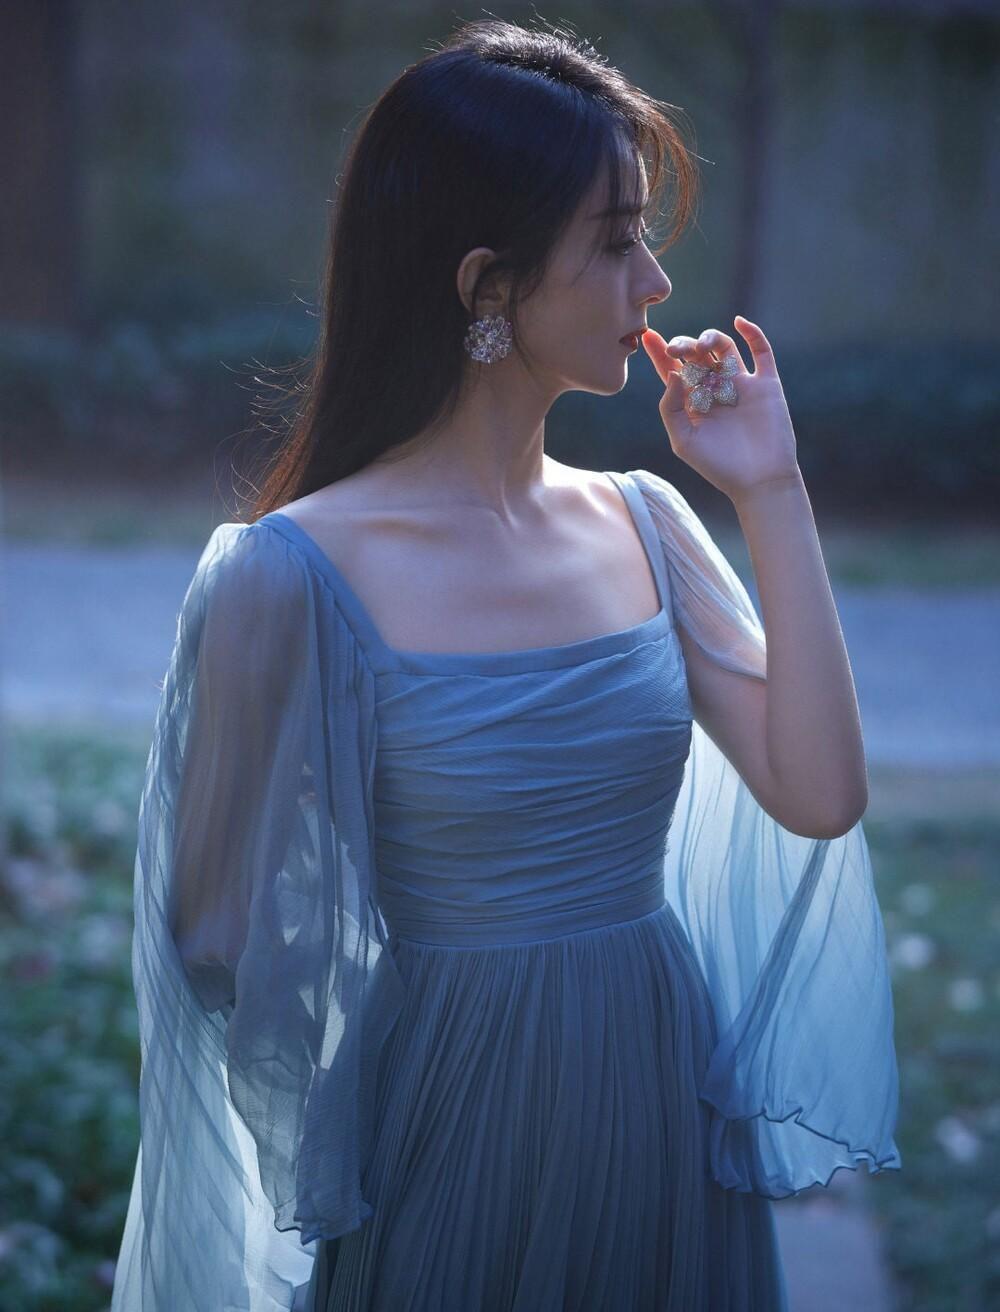 Triệu Lệ Dĩnh mặc đẹp tăng theo cấp số nhân, dân tình khen ngợi tới tấp Ảnh 6